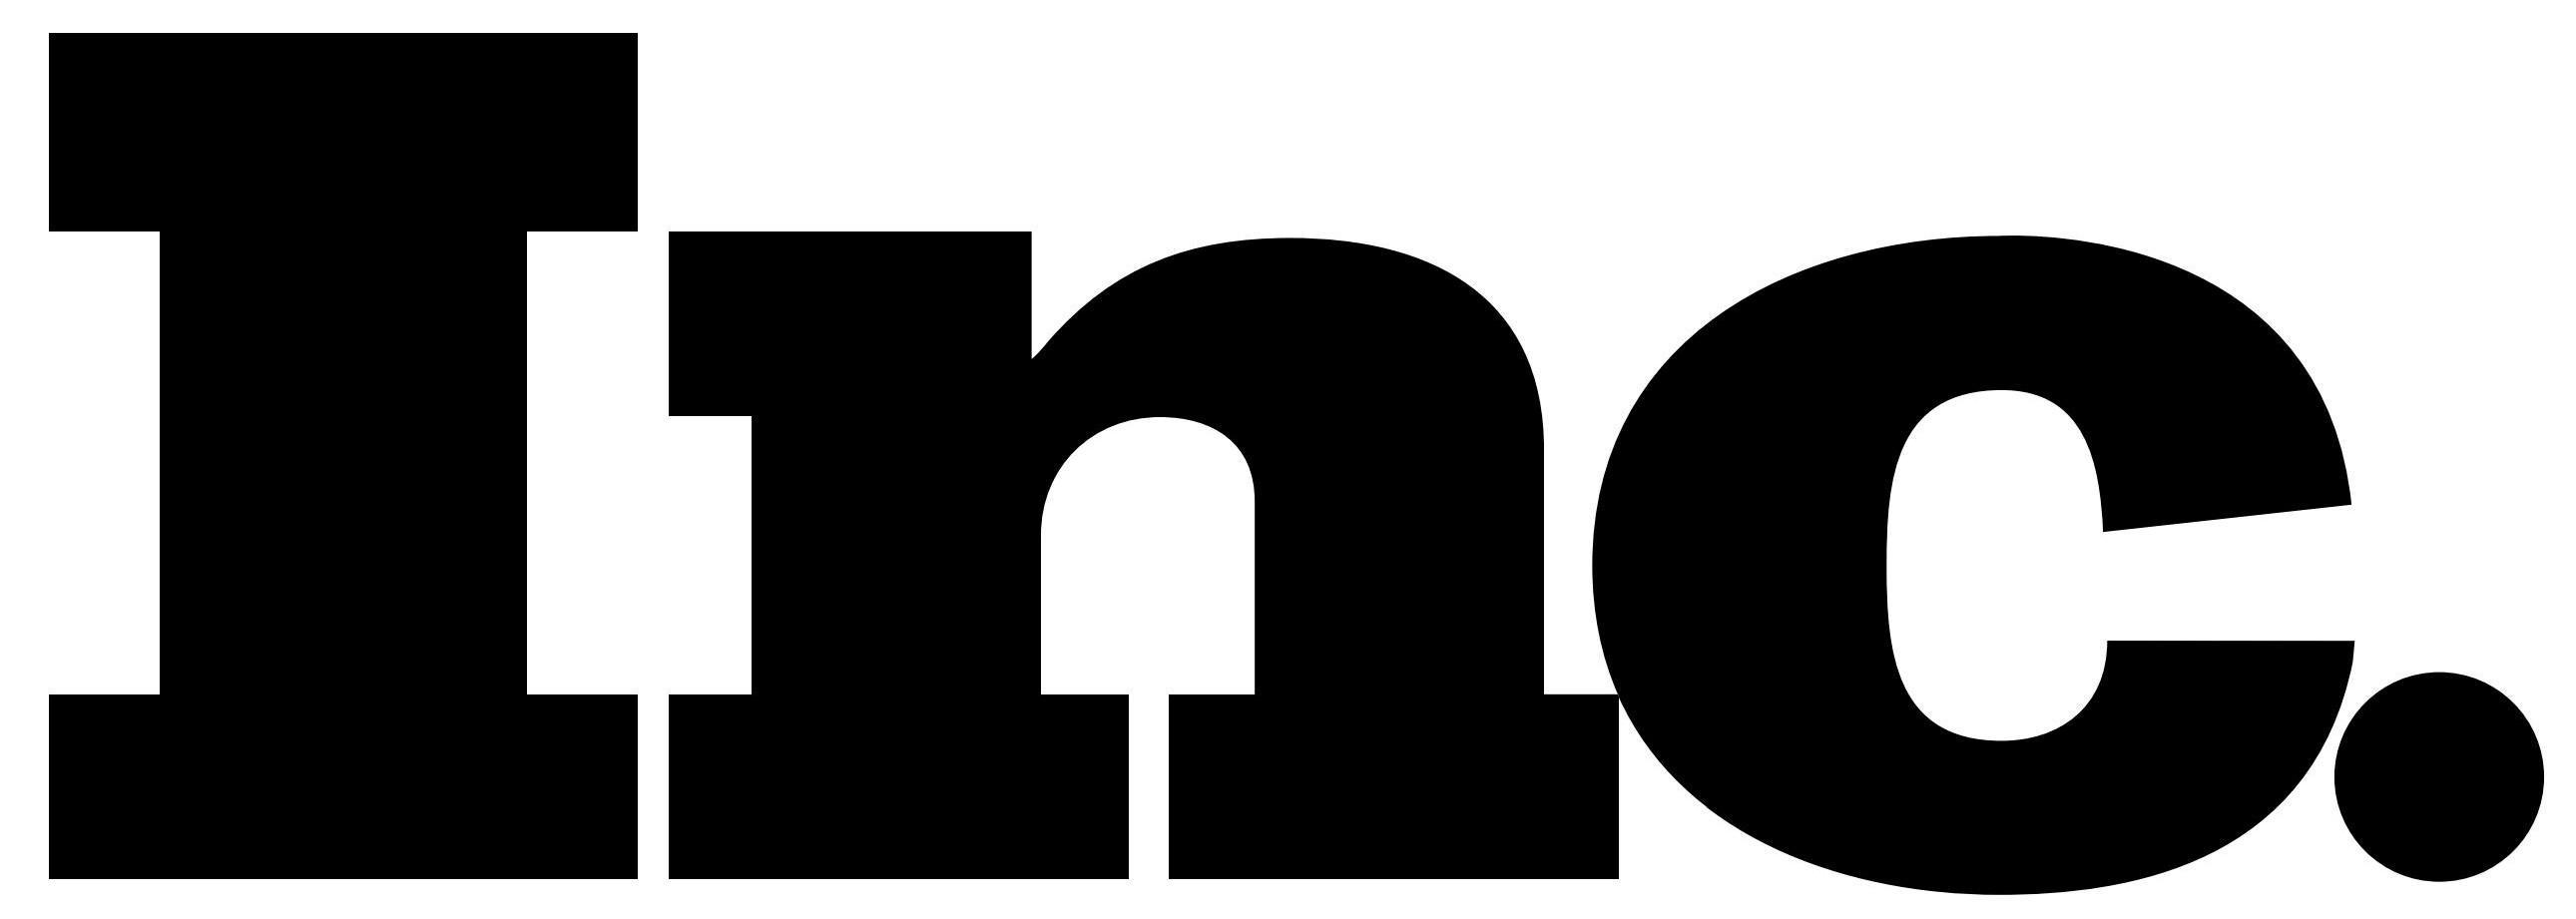 Inc. magazine logo